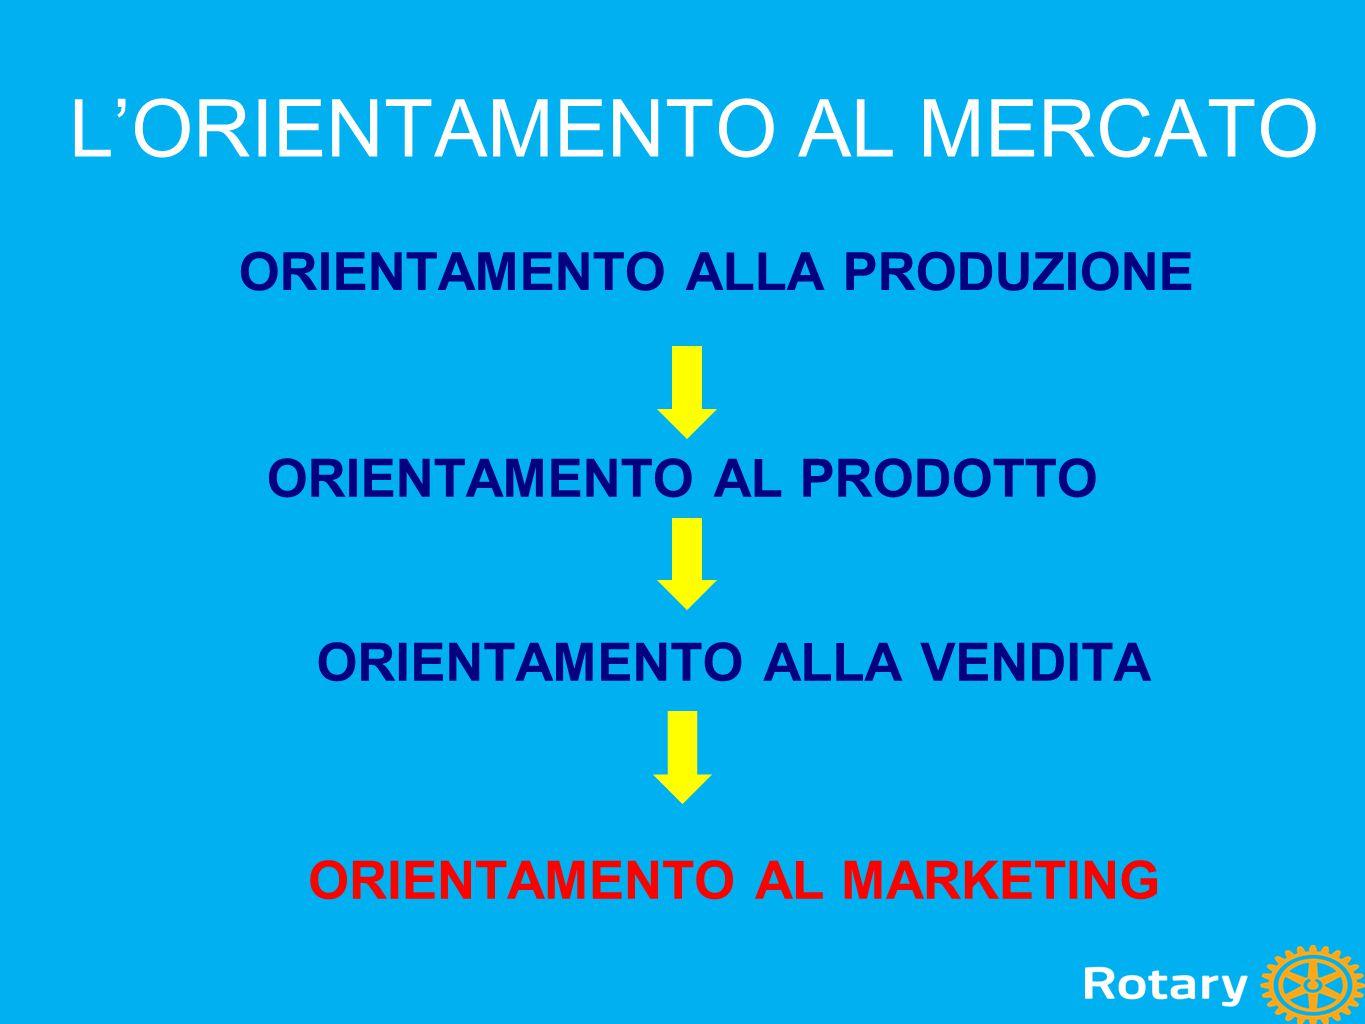 LA CULTURA DI MARKETING SI FONDA SU 9 PRINCÌPI BASE: L'azienda esiste per offrire soluzioni ai clienti; Occorre offrire ai clienti anche contenuti emozionali; È la percezione che fa decidere il cliente; La concorrenza è quella percepita; Occorre costruire valore per il cliente; La fedeltà si basa sulla fiducia; Il processo di marketing si basa su una rivoluzione; Il marketing è una disciplina ad ampio spettro; Con l'approccio di marketing tutto diventa comunicazione L'ORIENTAMENTO AL MARKETING